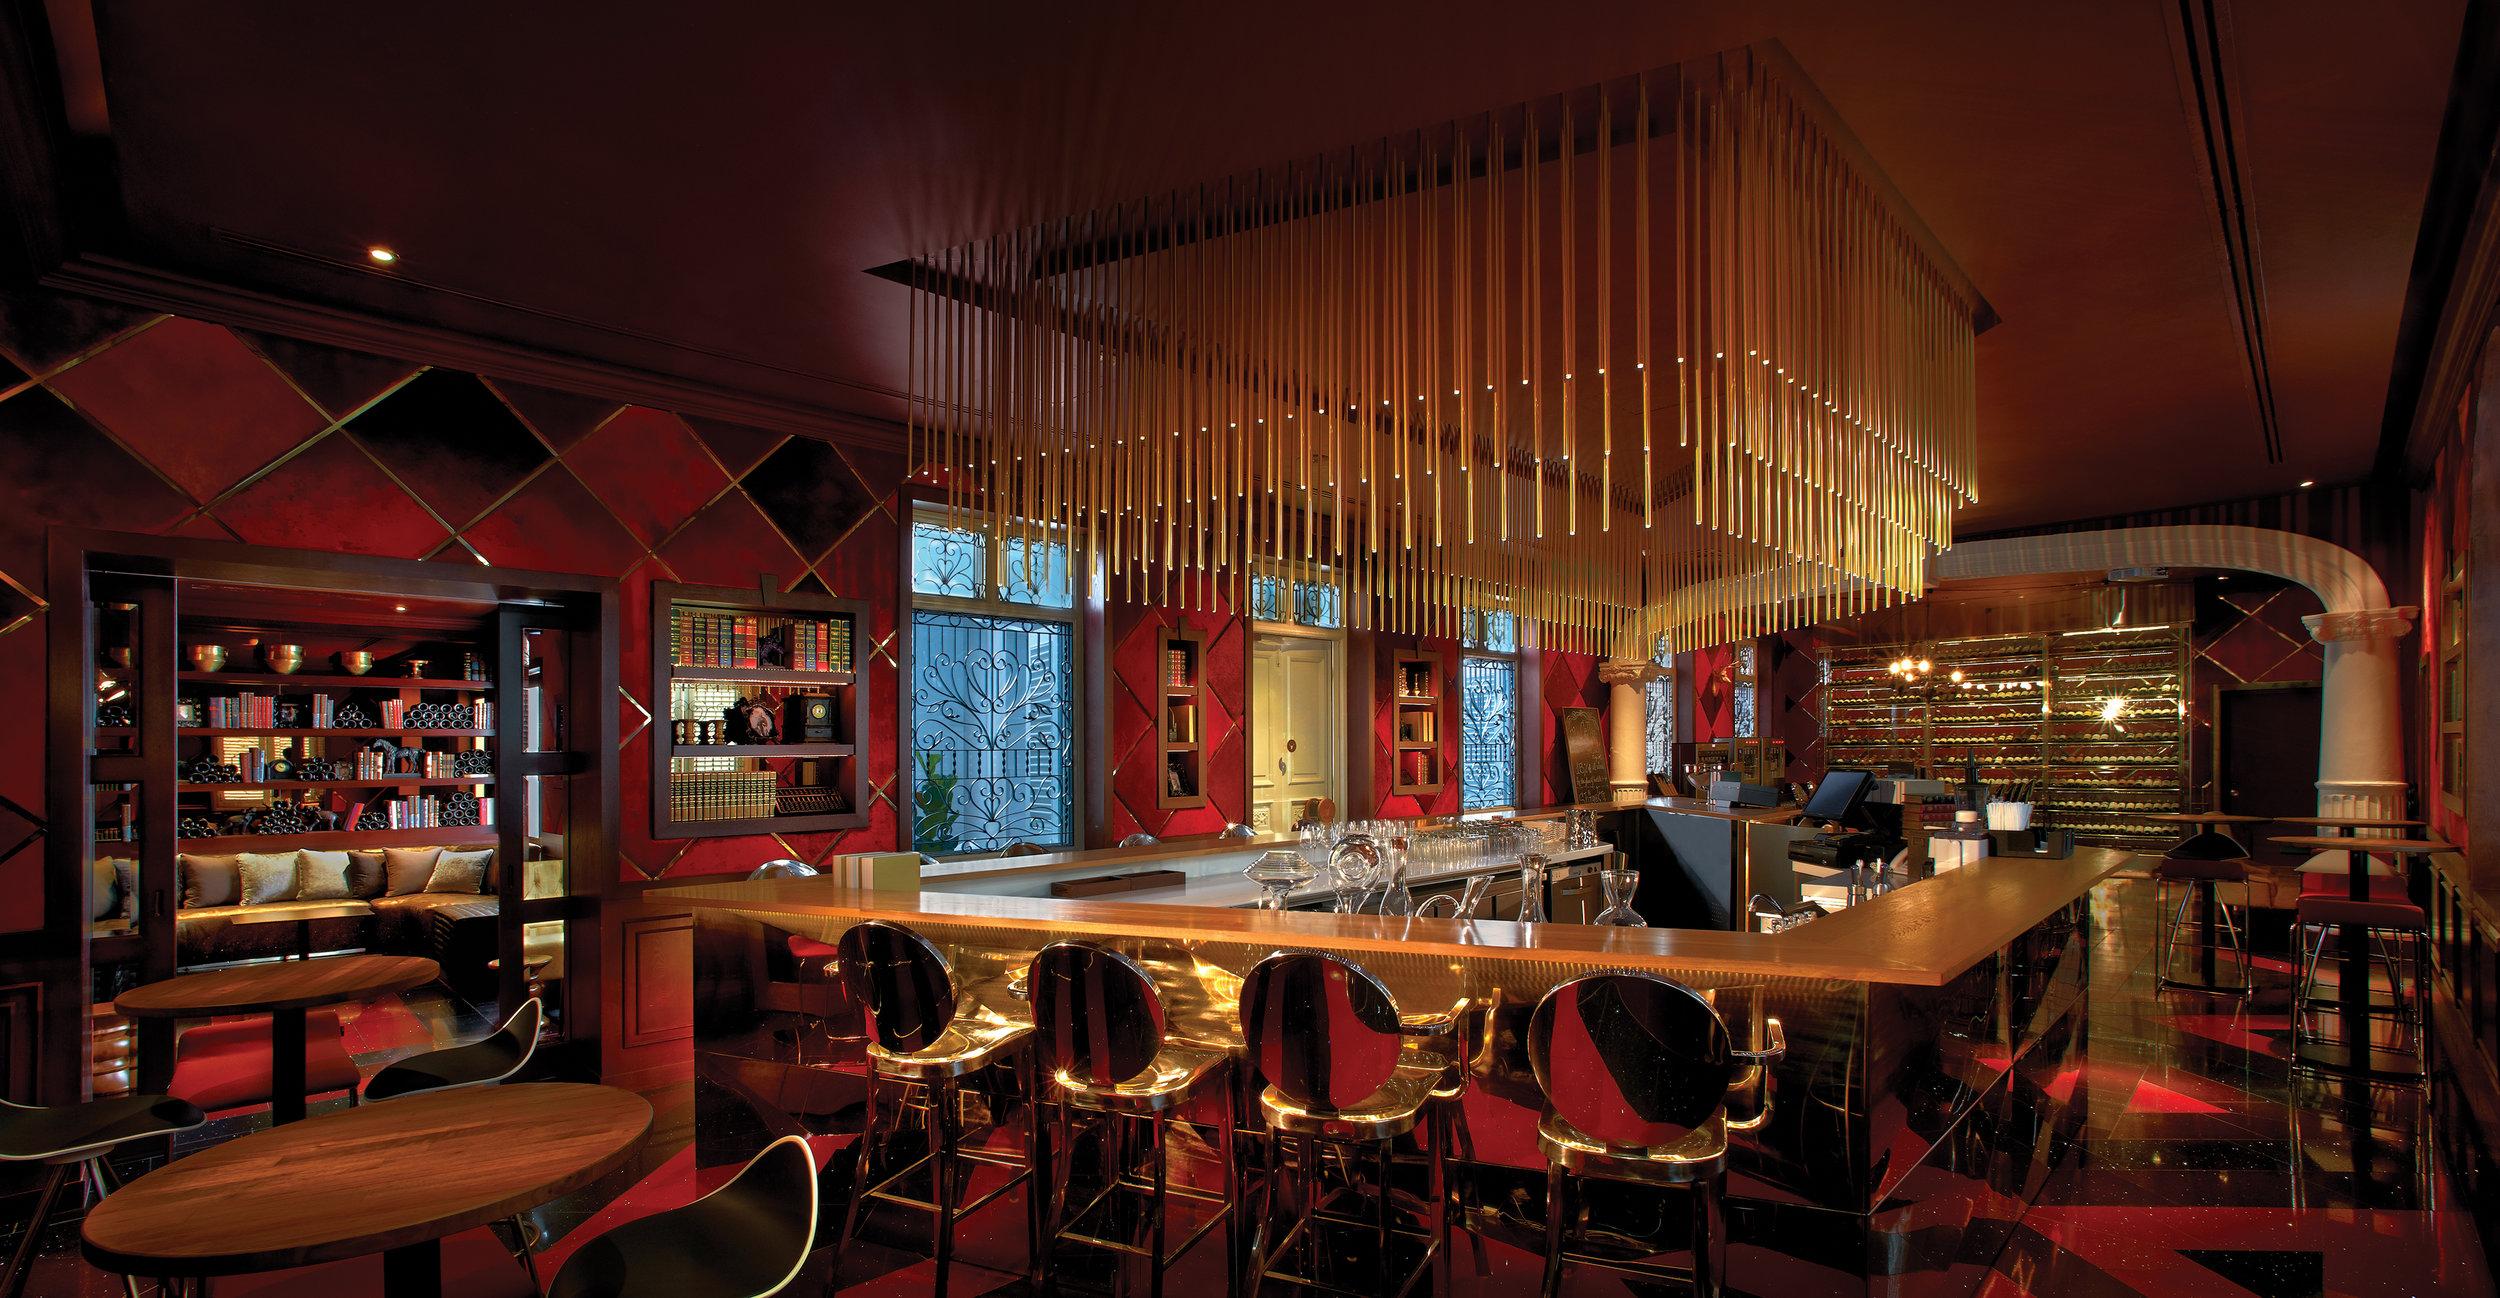 Bar at The Cellar